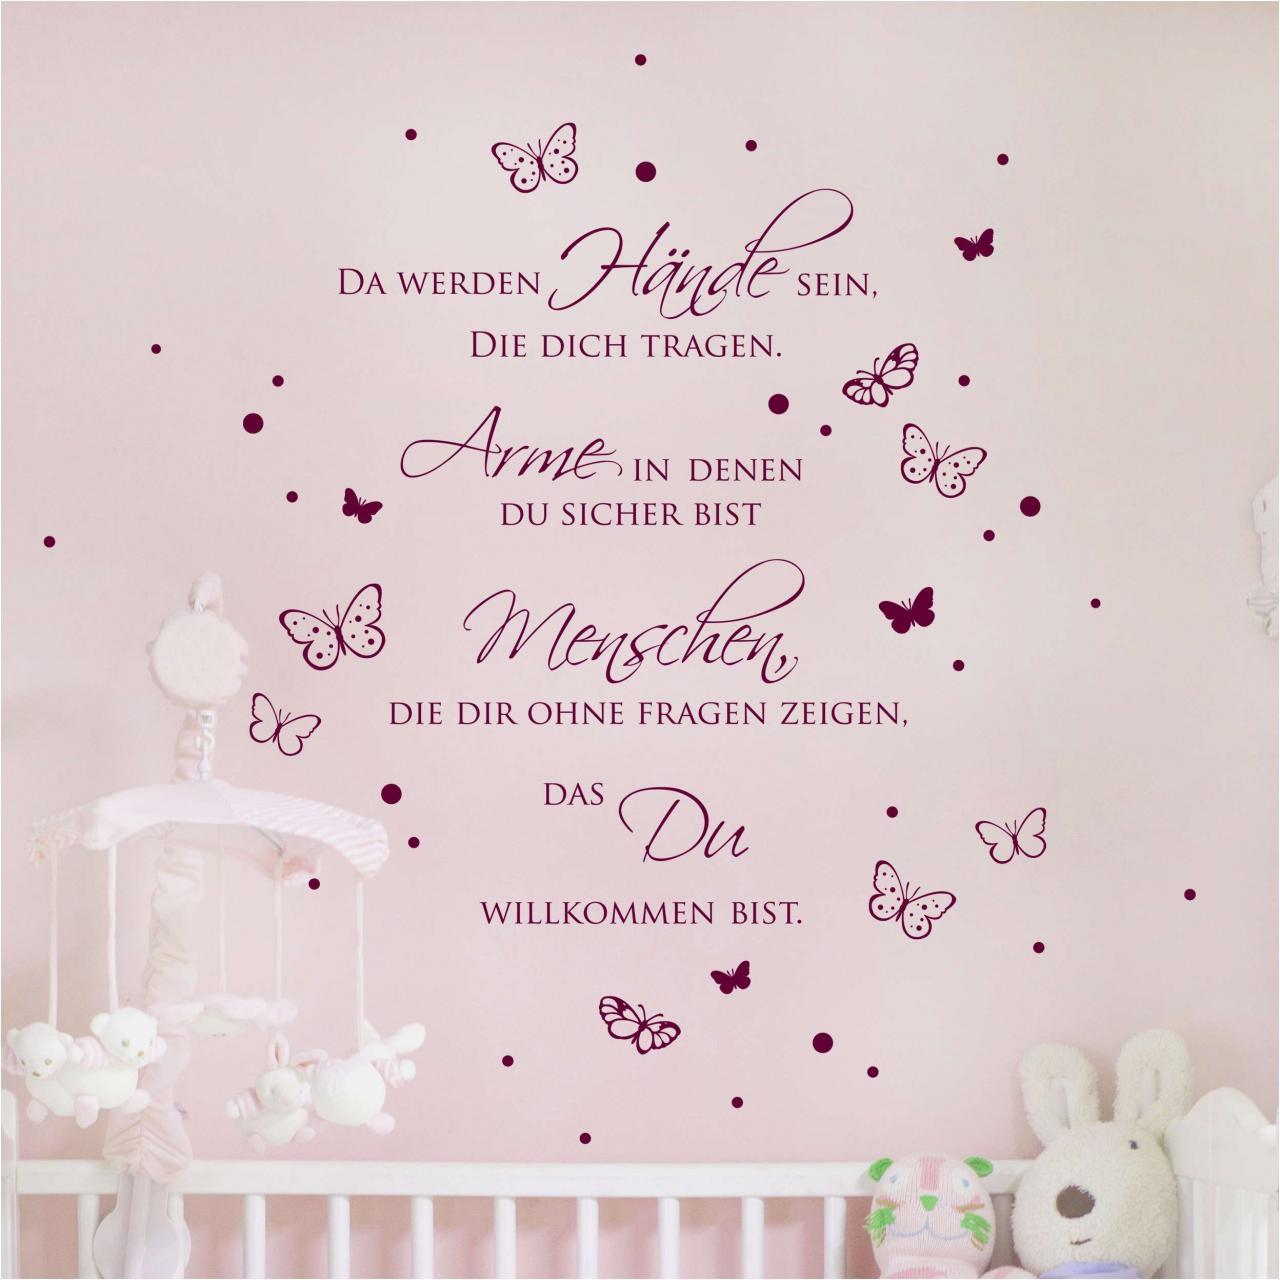 Zitat Baby Geburt Image Collections Besten Zitate Ideen Zitat Baby Geburt Choice Image Besten